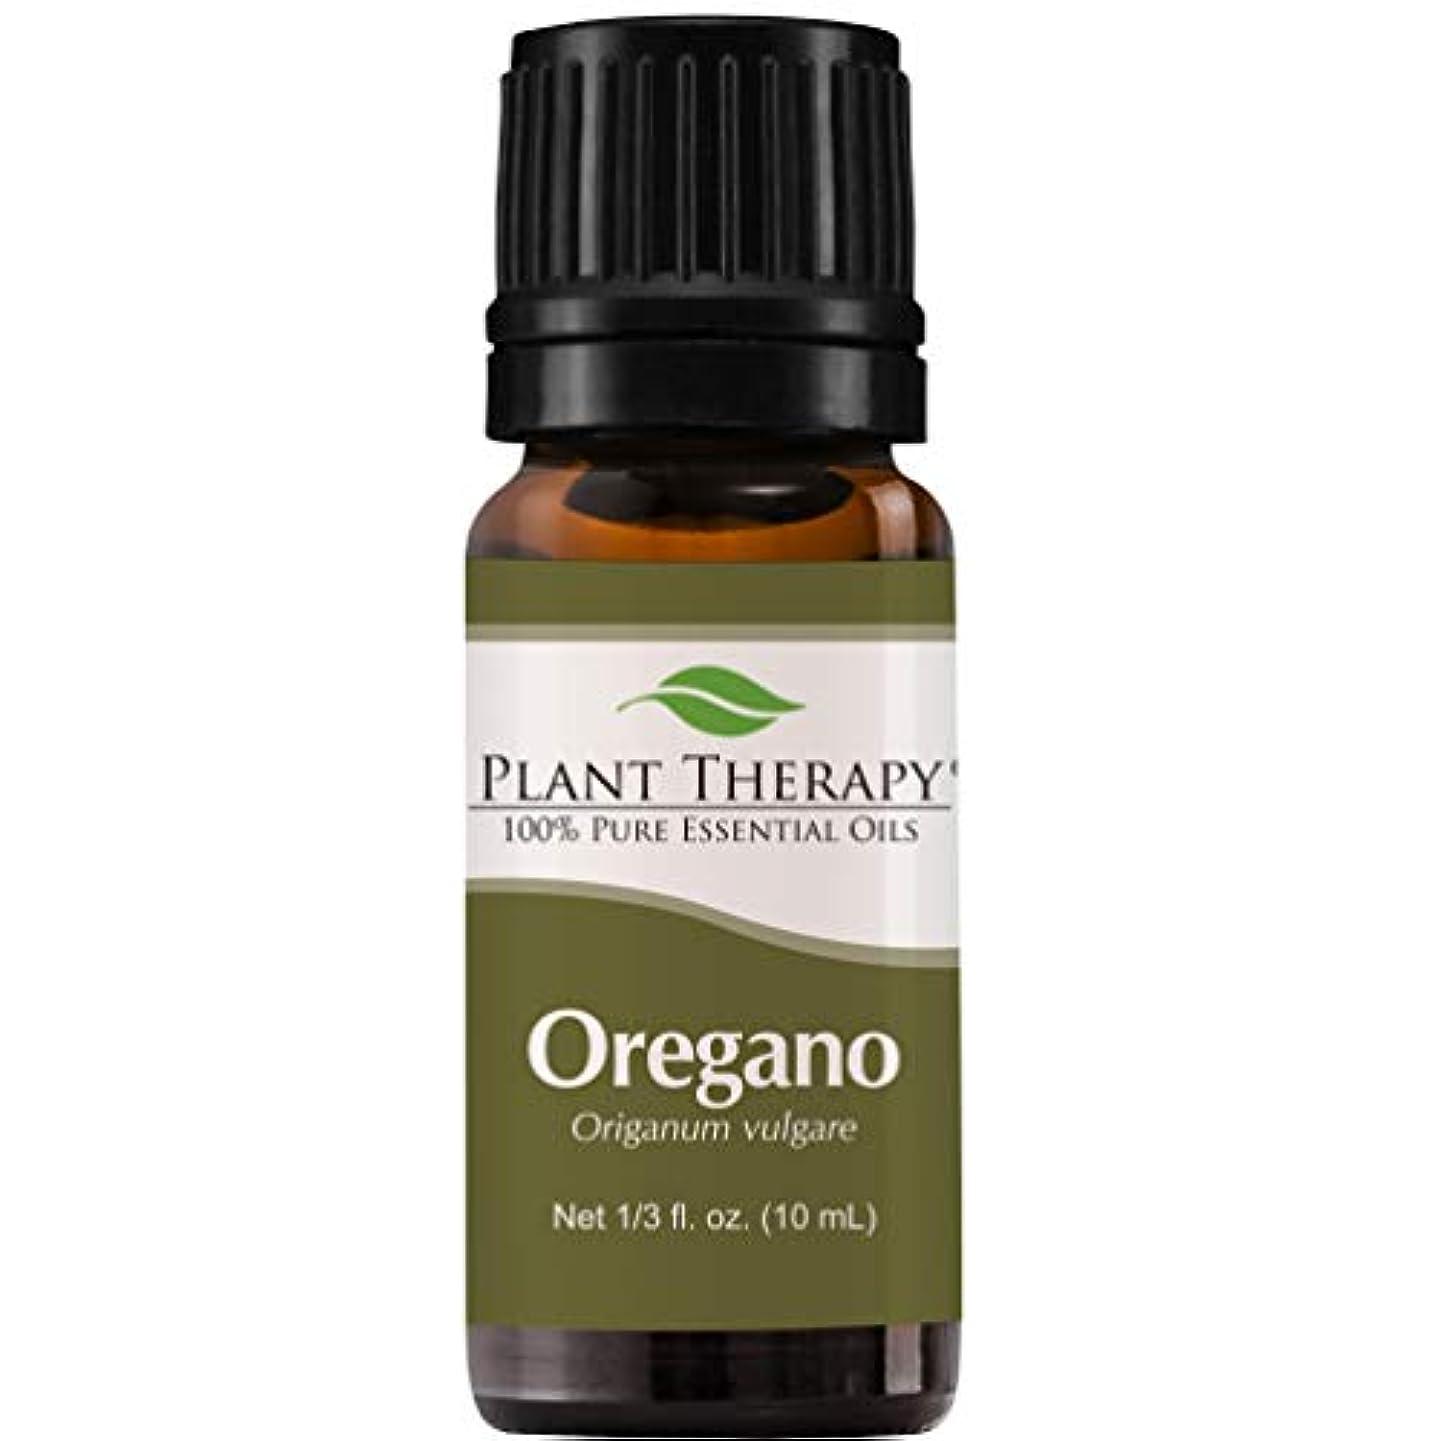 アートスポンジ小さいPlant Therapy Essential Oils (プラントセラピー エッセンシャルオイル) オレガノ (オリガヌム) エッセンシャルオイル